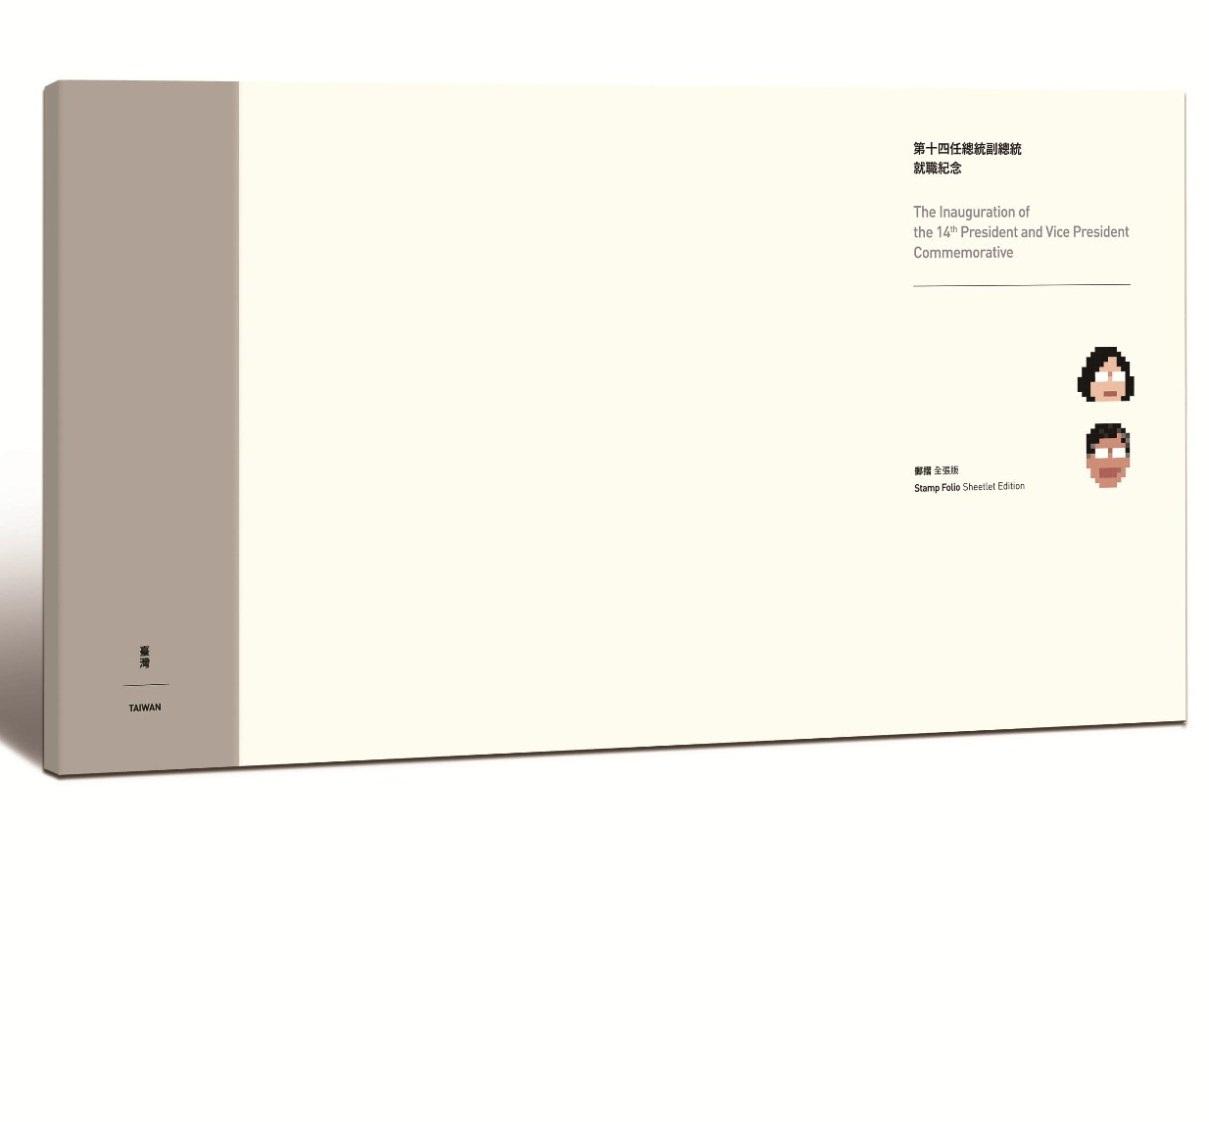 第十四任總統副總統就職紀念郵票 郵摺-全張版